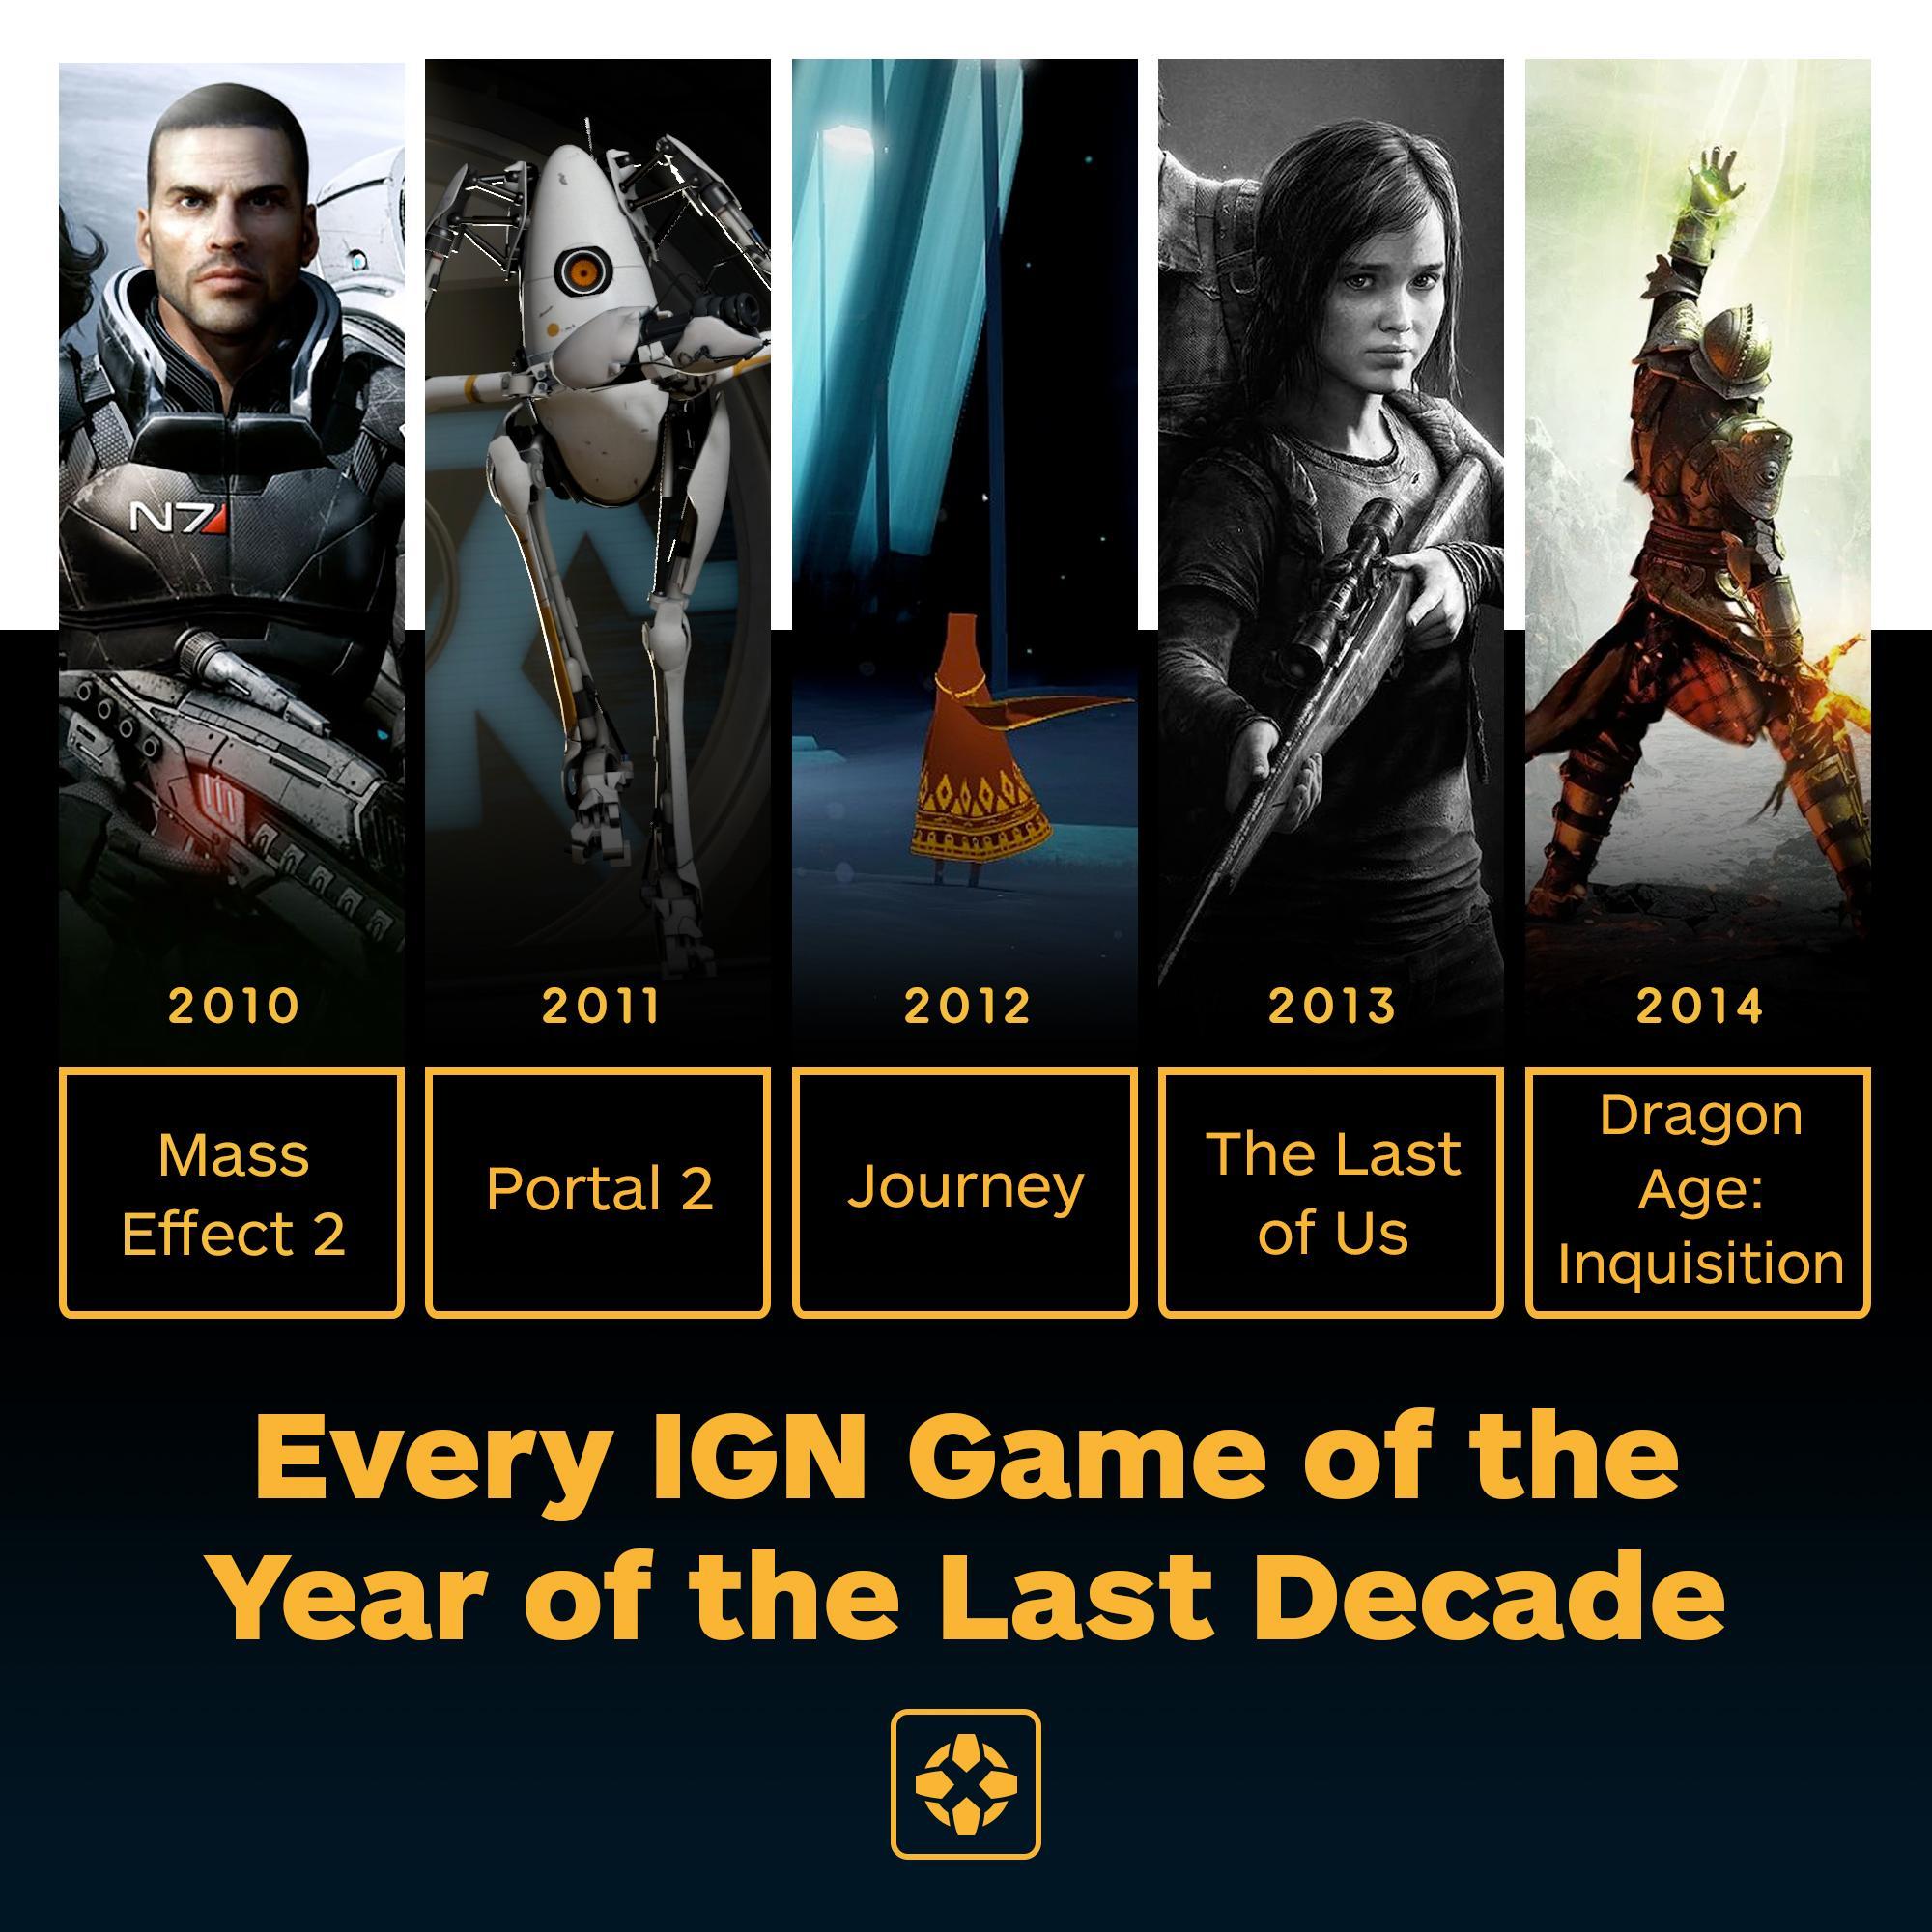 游戏新消息:IGN公布过去十年最佳游戏和电影BioWare两款游戏上榜